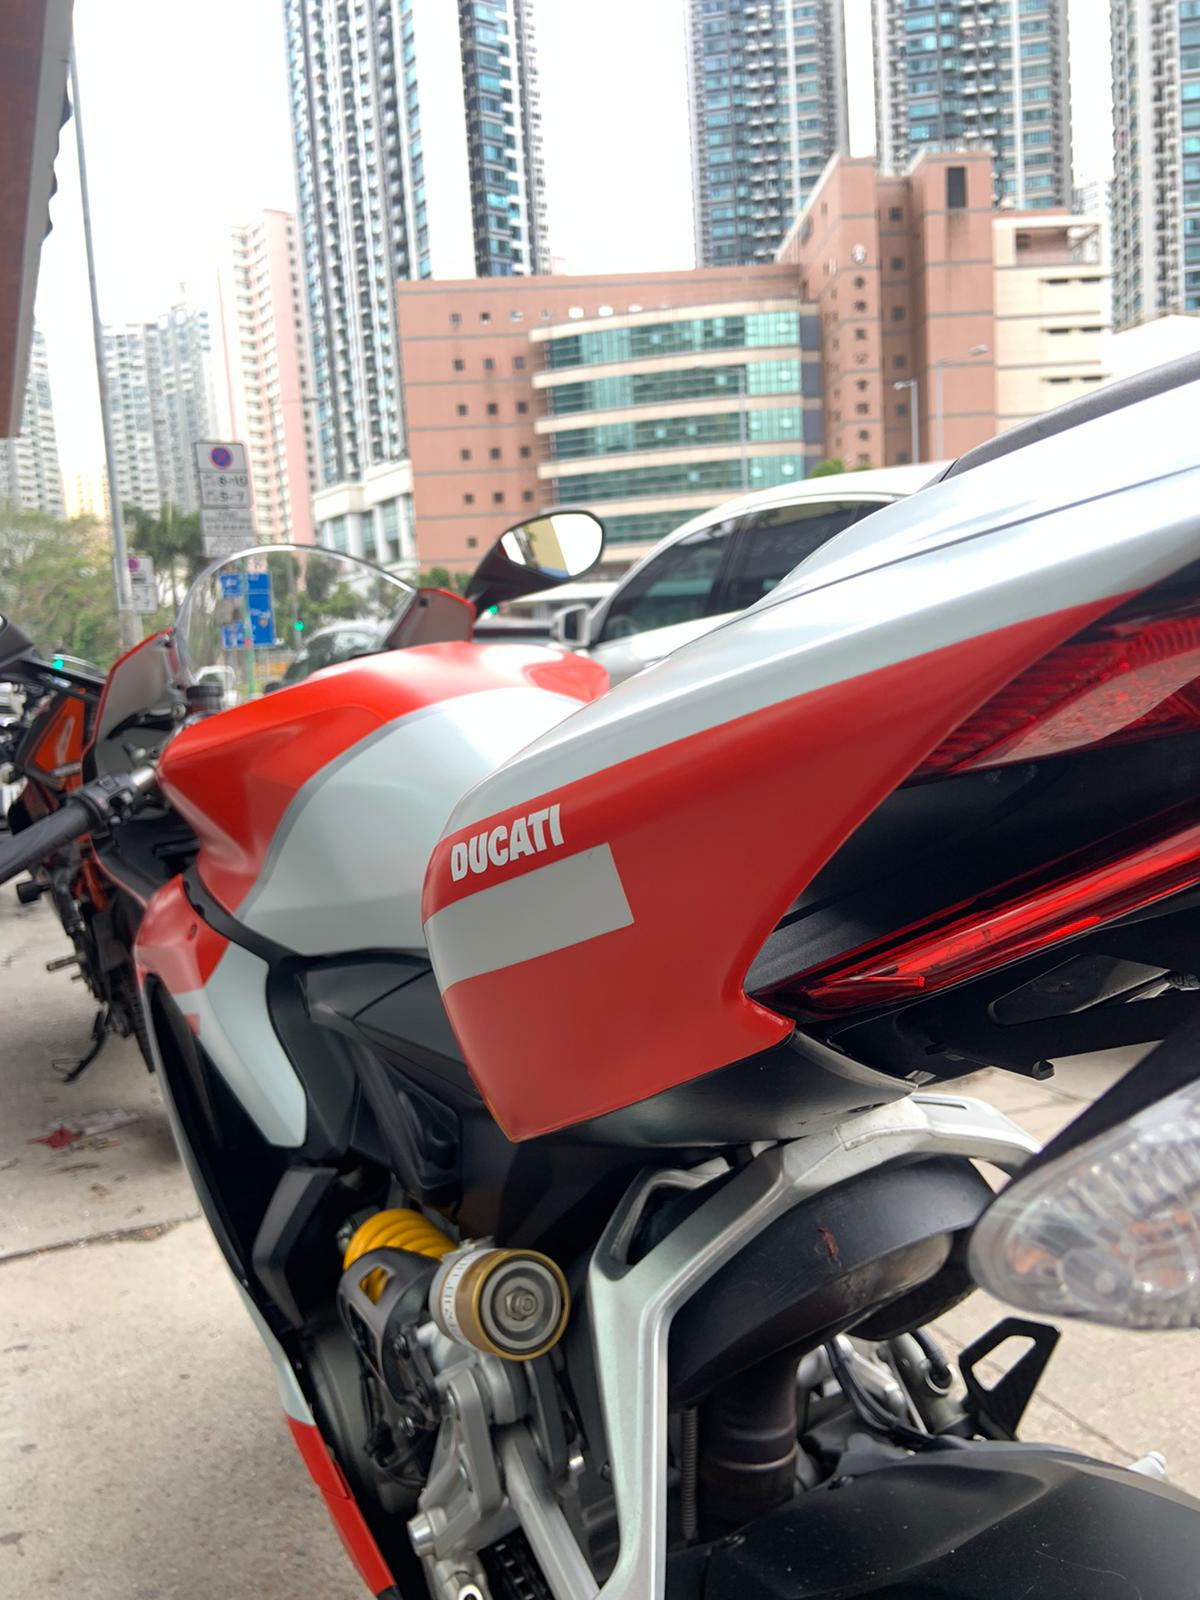 【好運車行有限公司】 DUCATI 959Panigale 二手車 2016年 - 「Webike摩托車市」